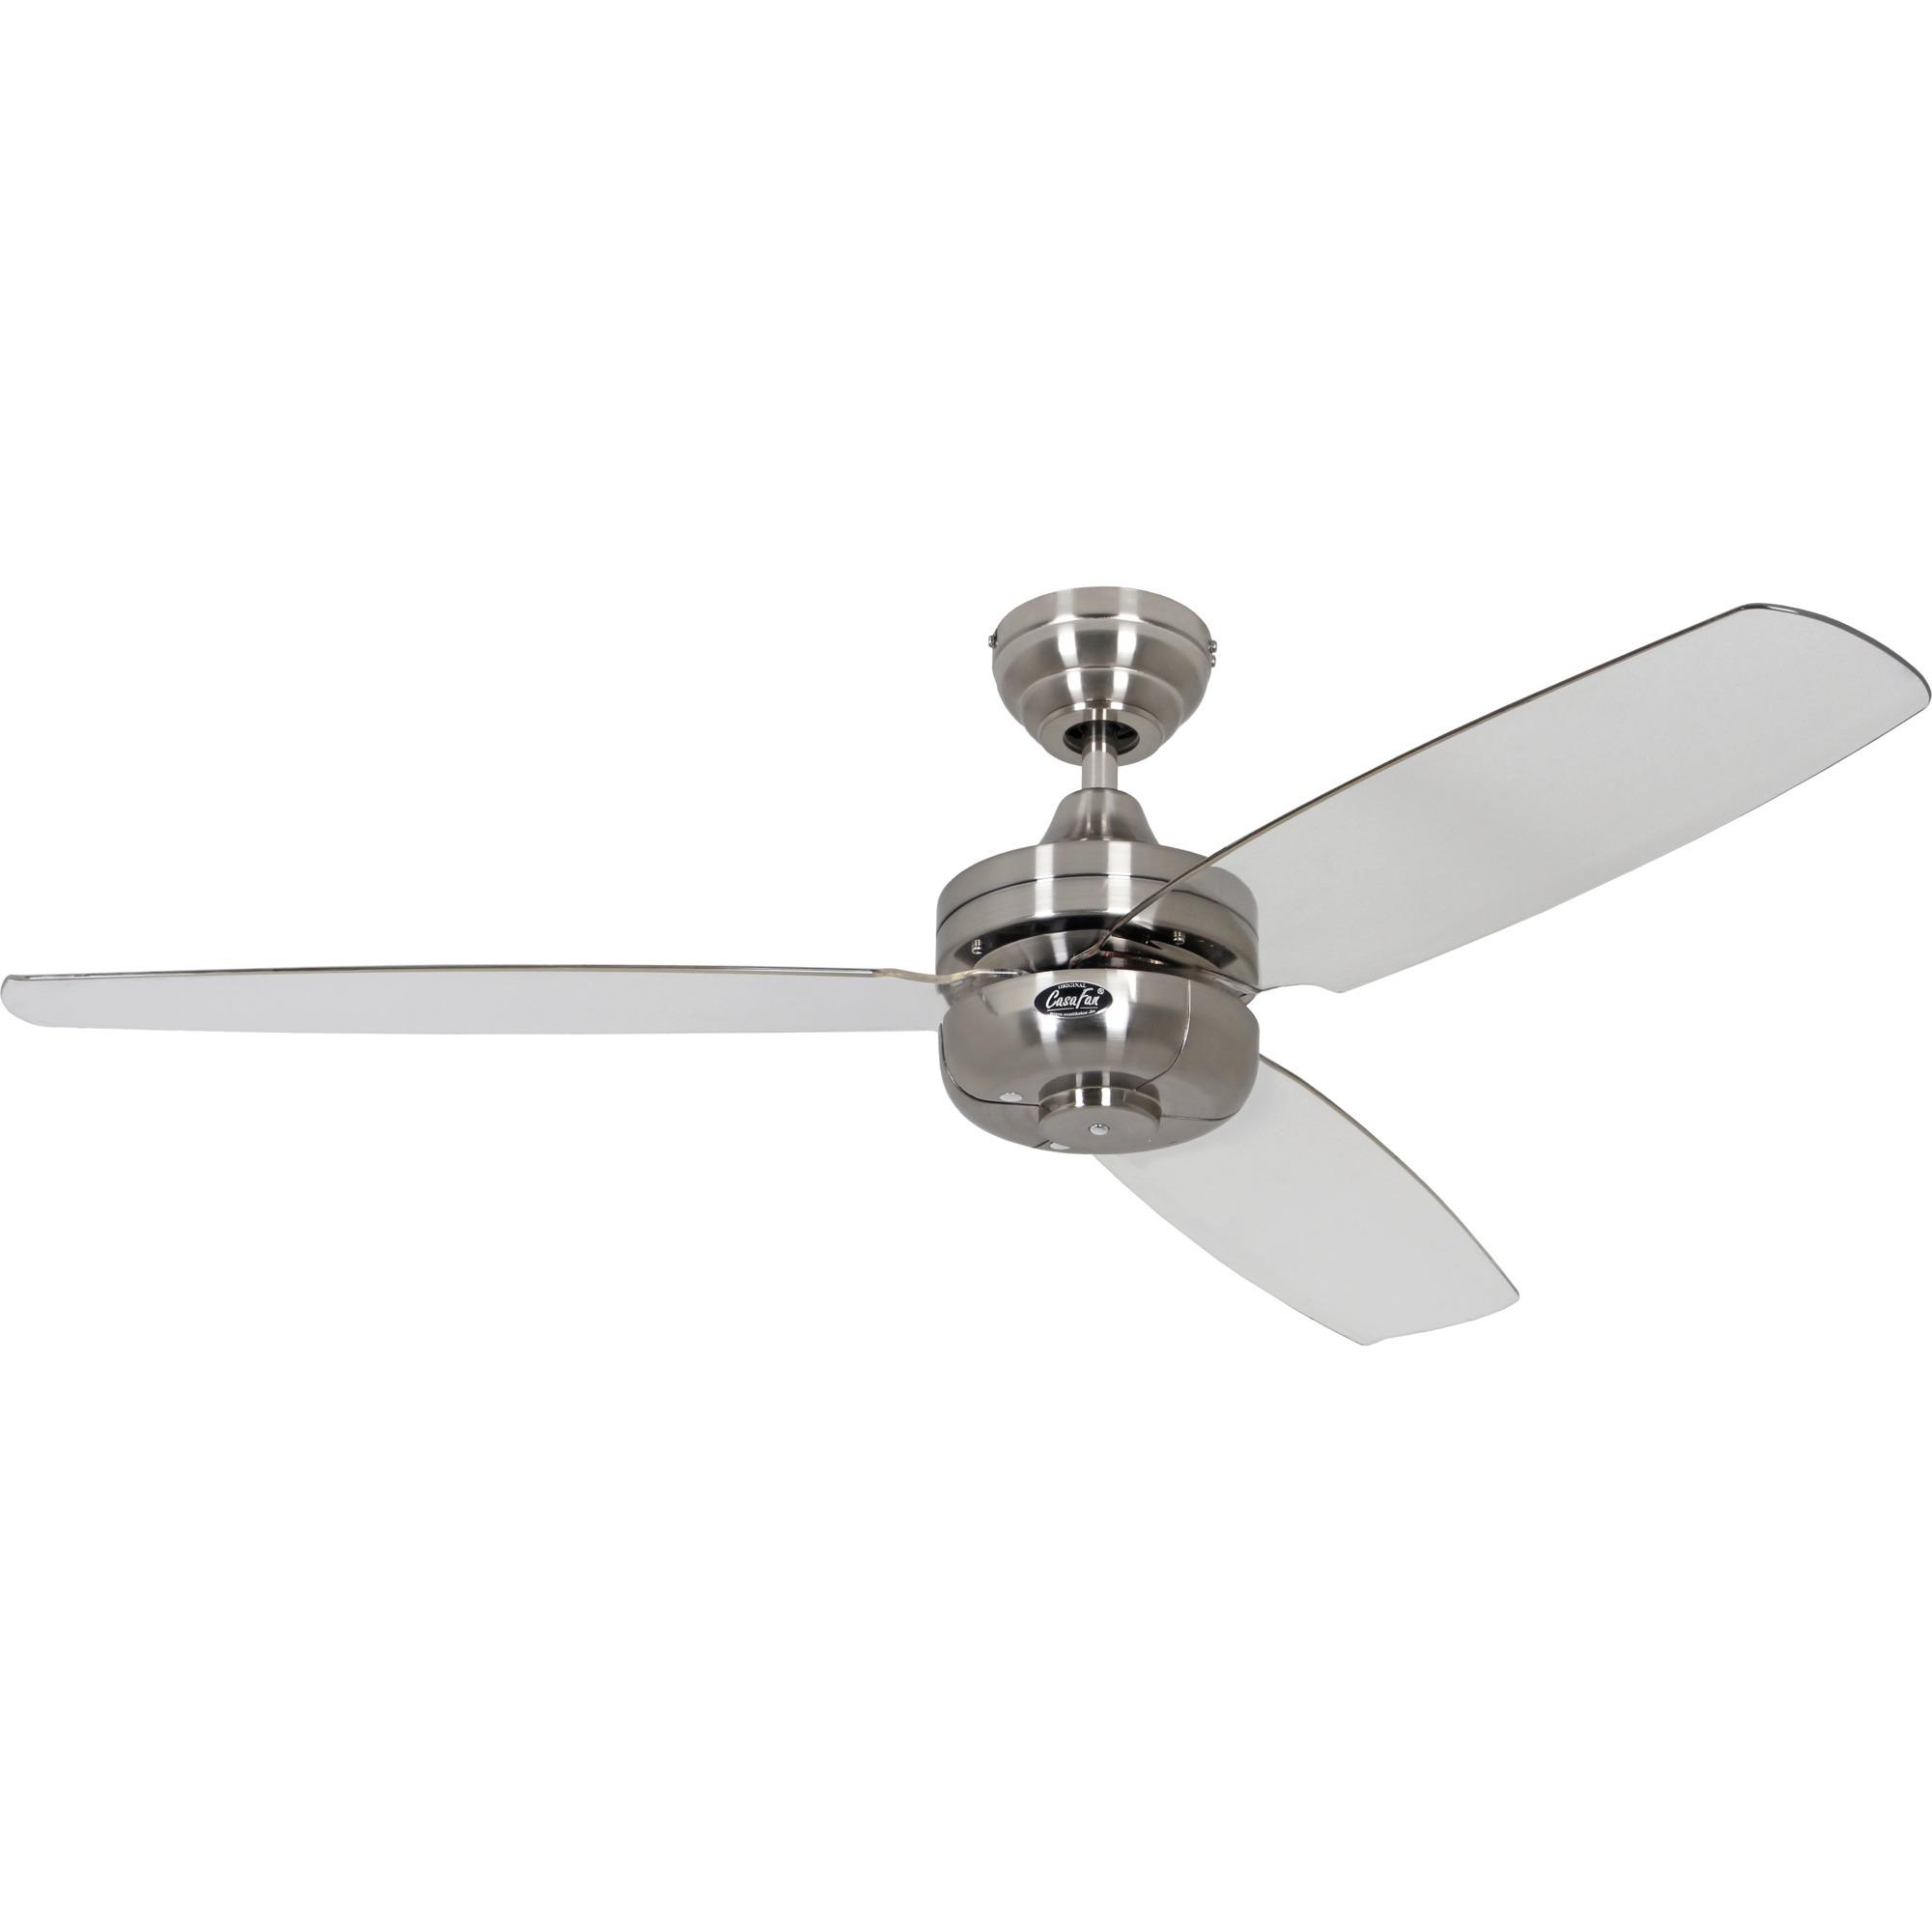 9313217 Ventilador con aspas para el hogar ventilador